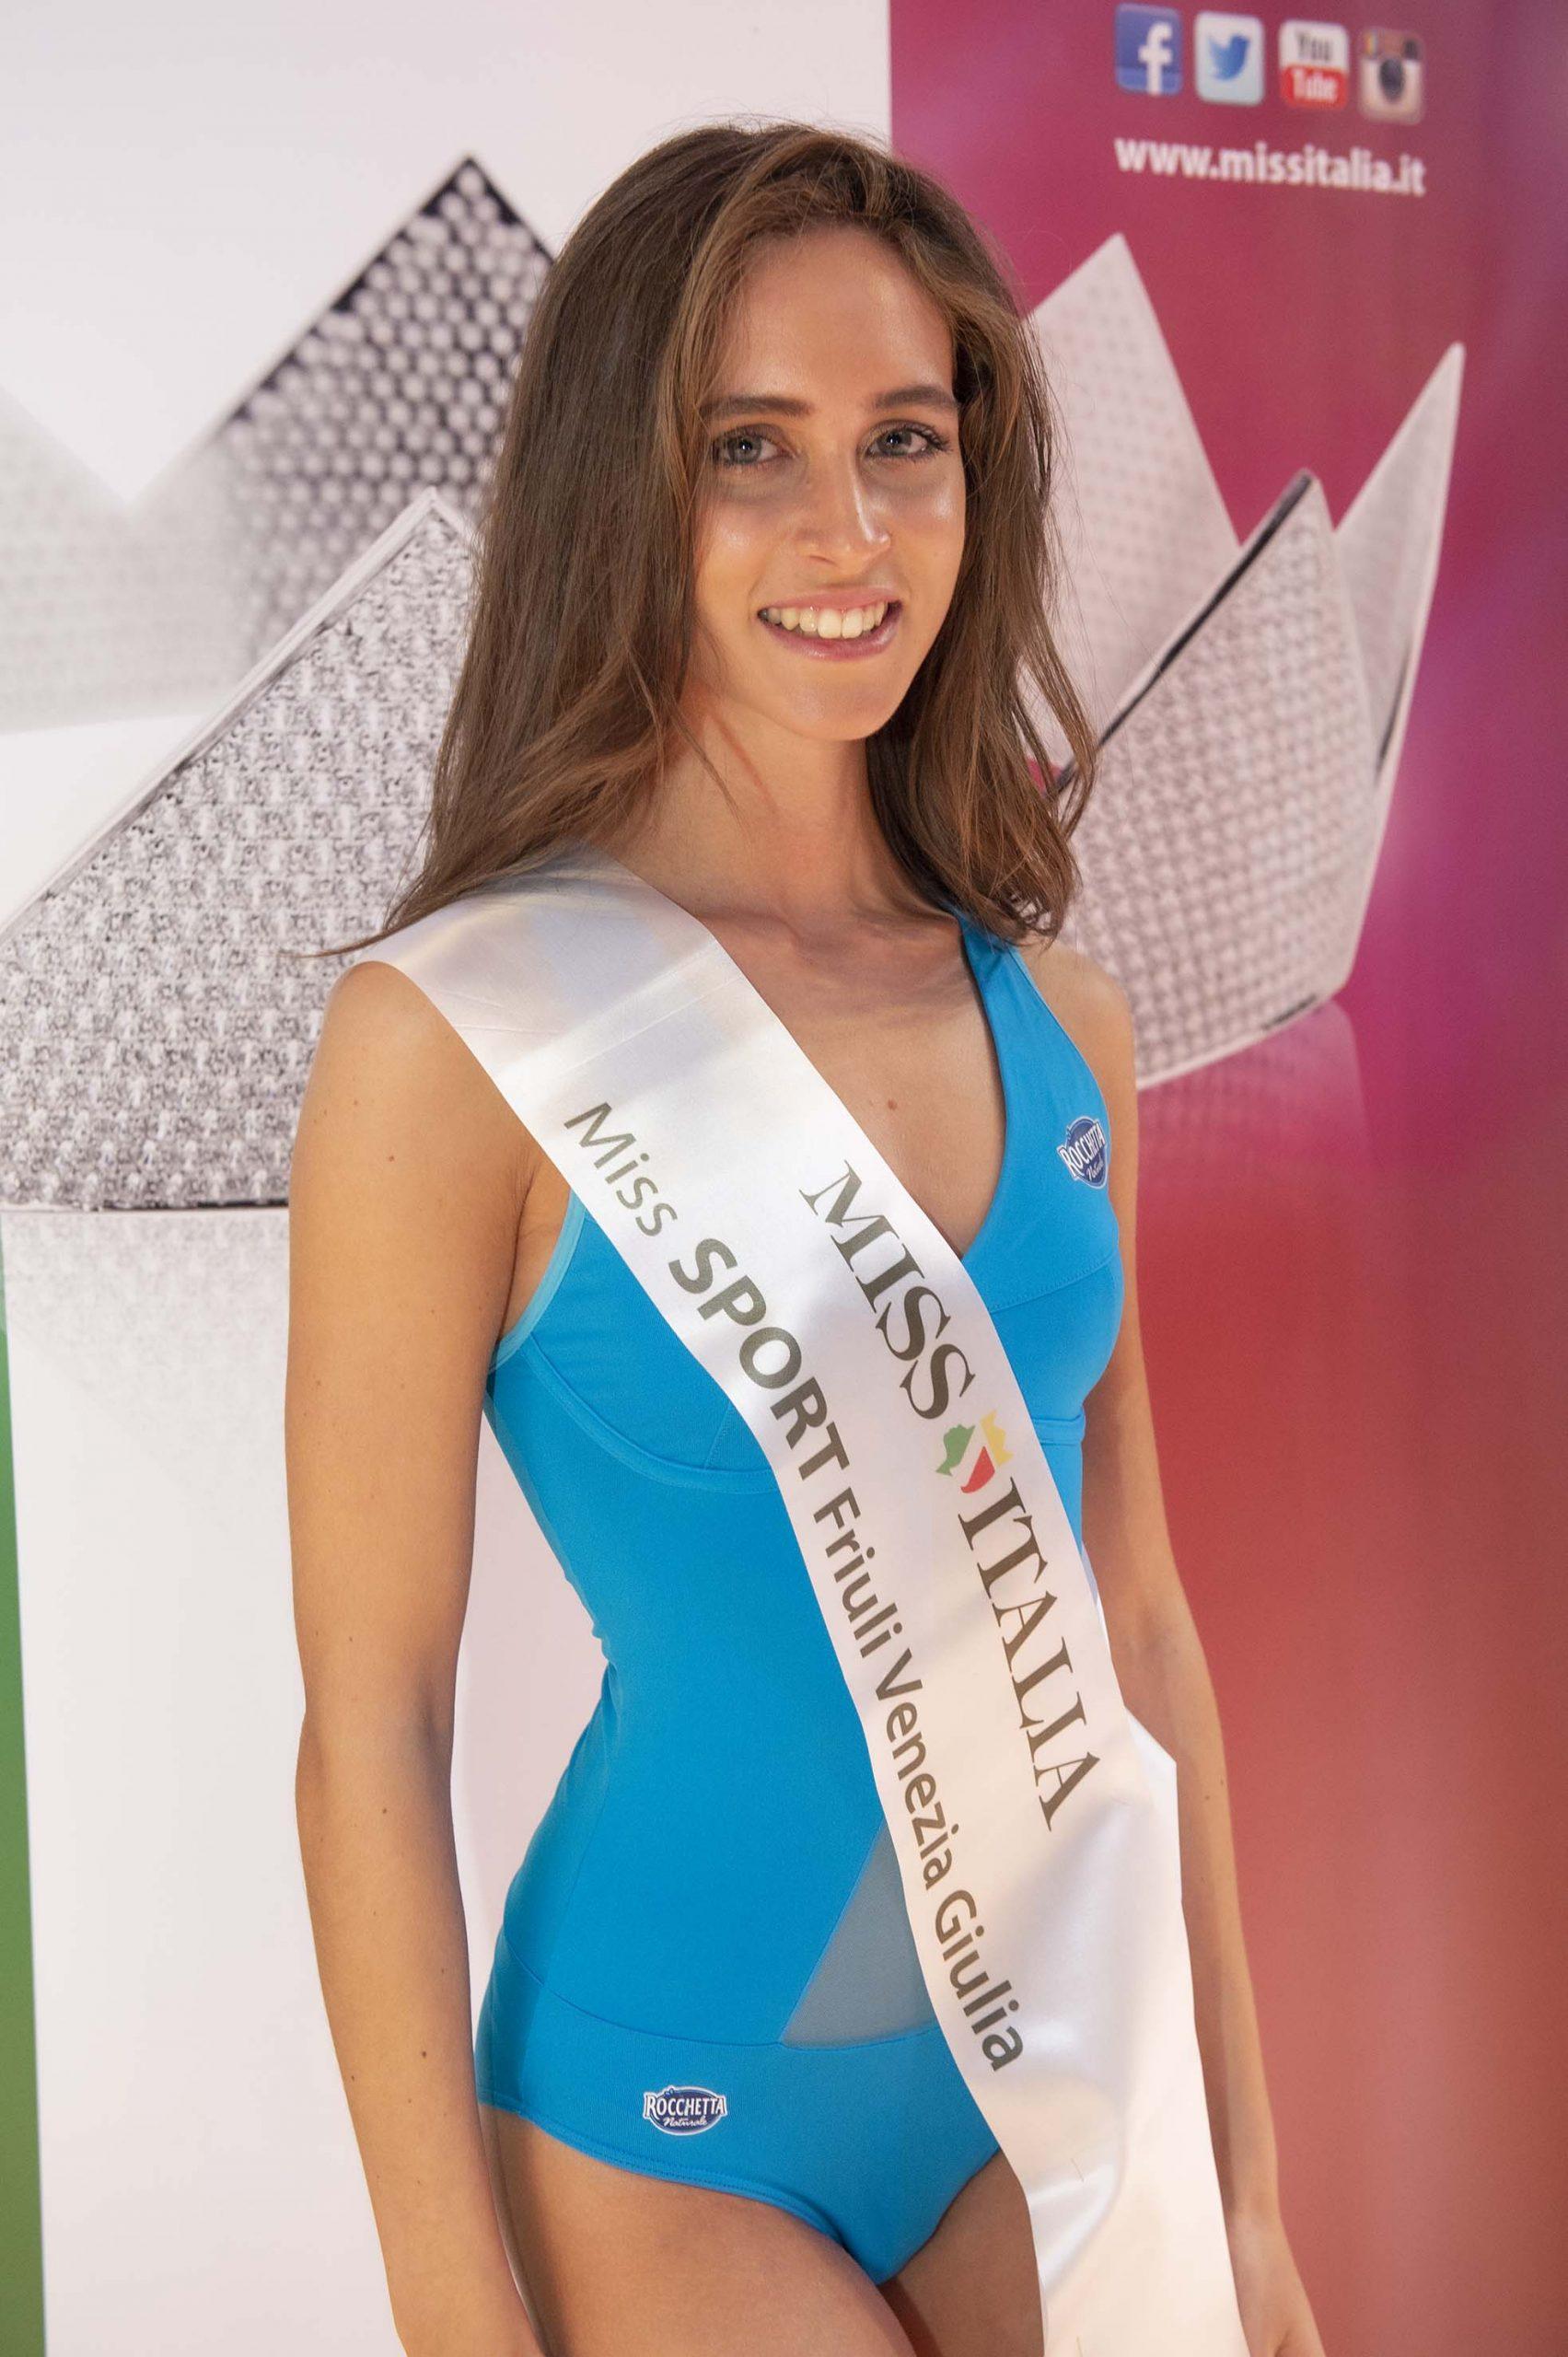 Erika Rebbelato - Miss Sport Friuli Venezia Giulia 1